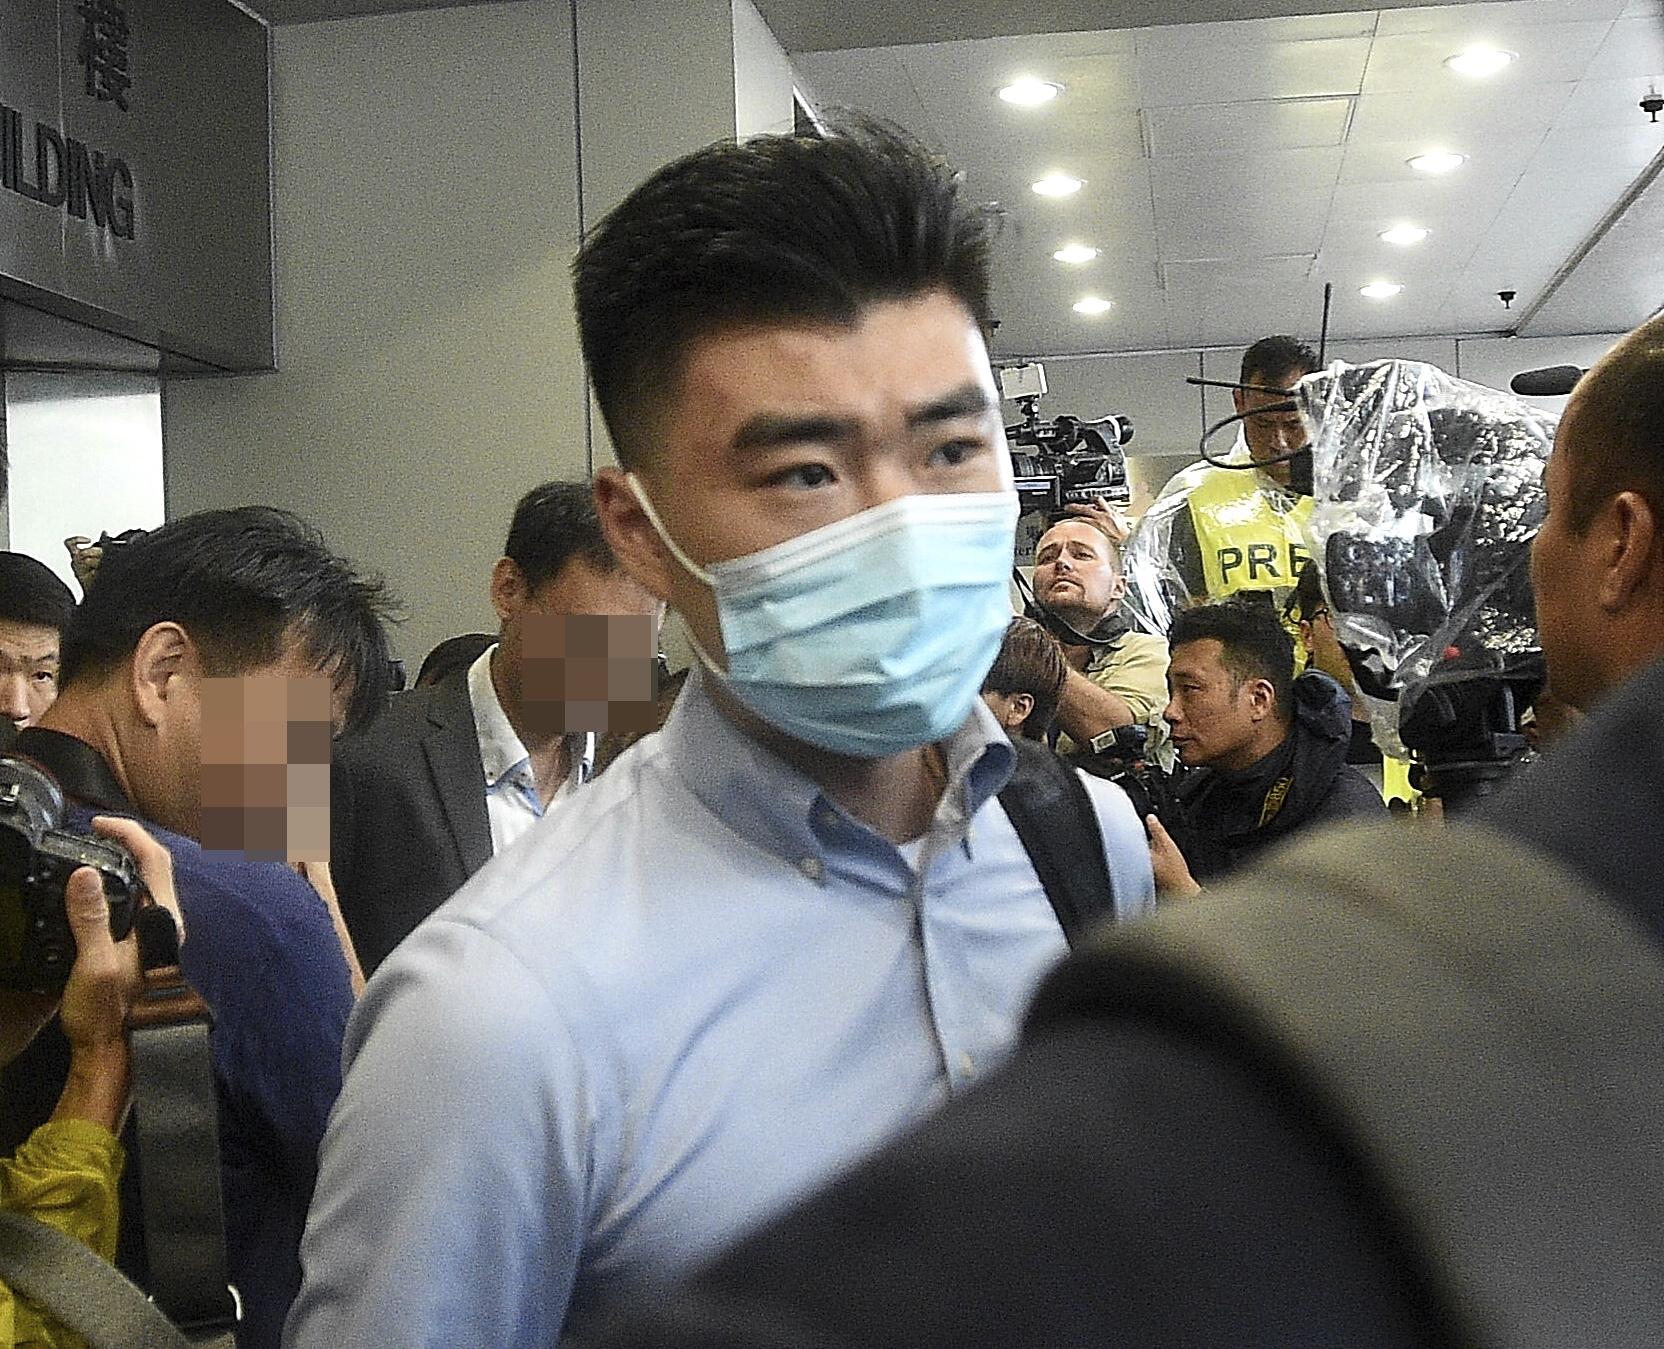 【中上环冲突】扮记者藏伸缩棍 港大内地生判囚6周